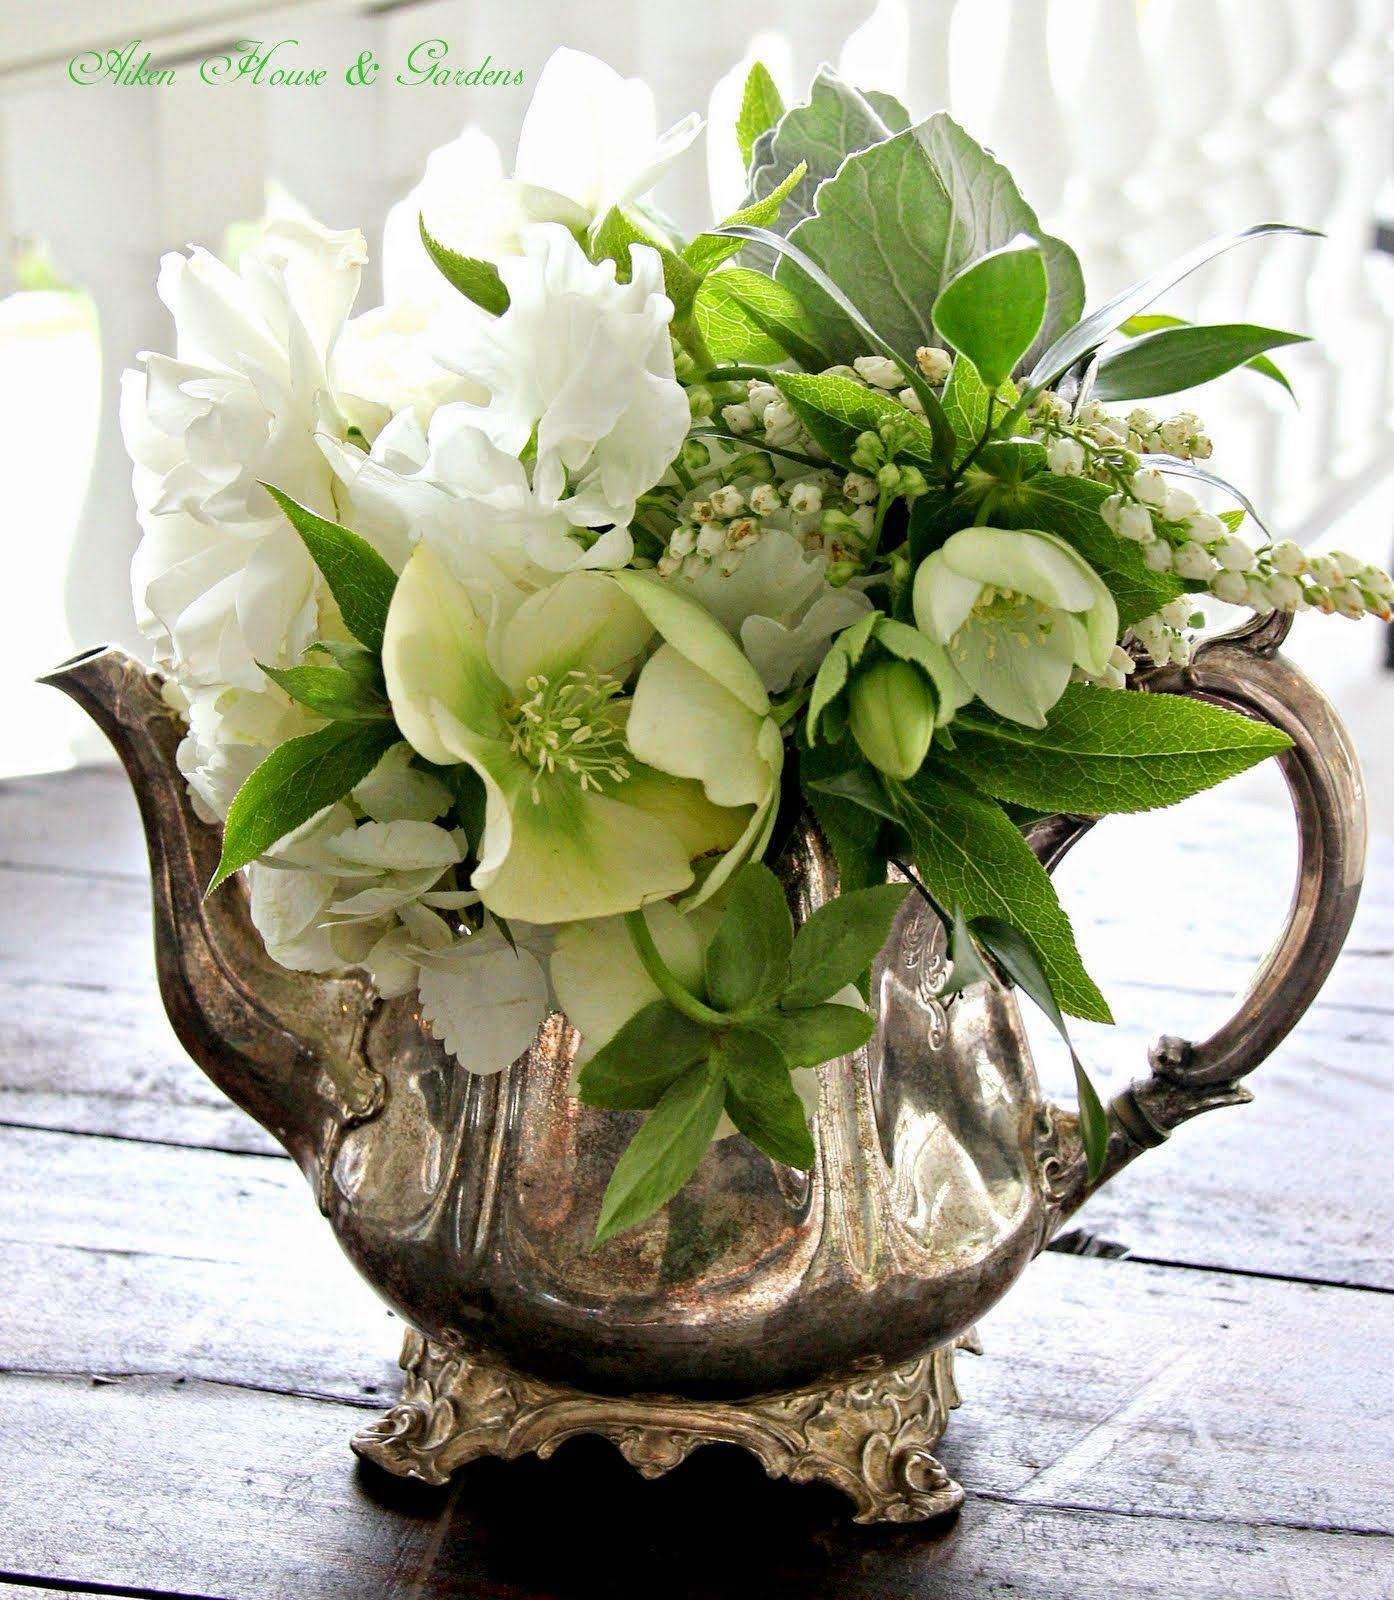 Vintage pot bouquet spring floral arrangement ideas more silver vintage pot bouquet spring floral arrangement ideas more arreglos thecheapjerseys Image collections